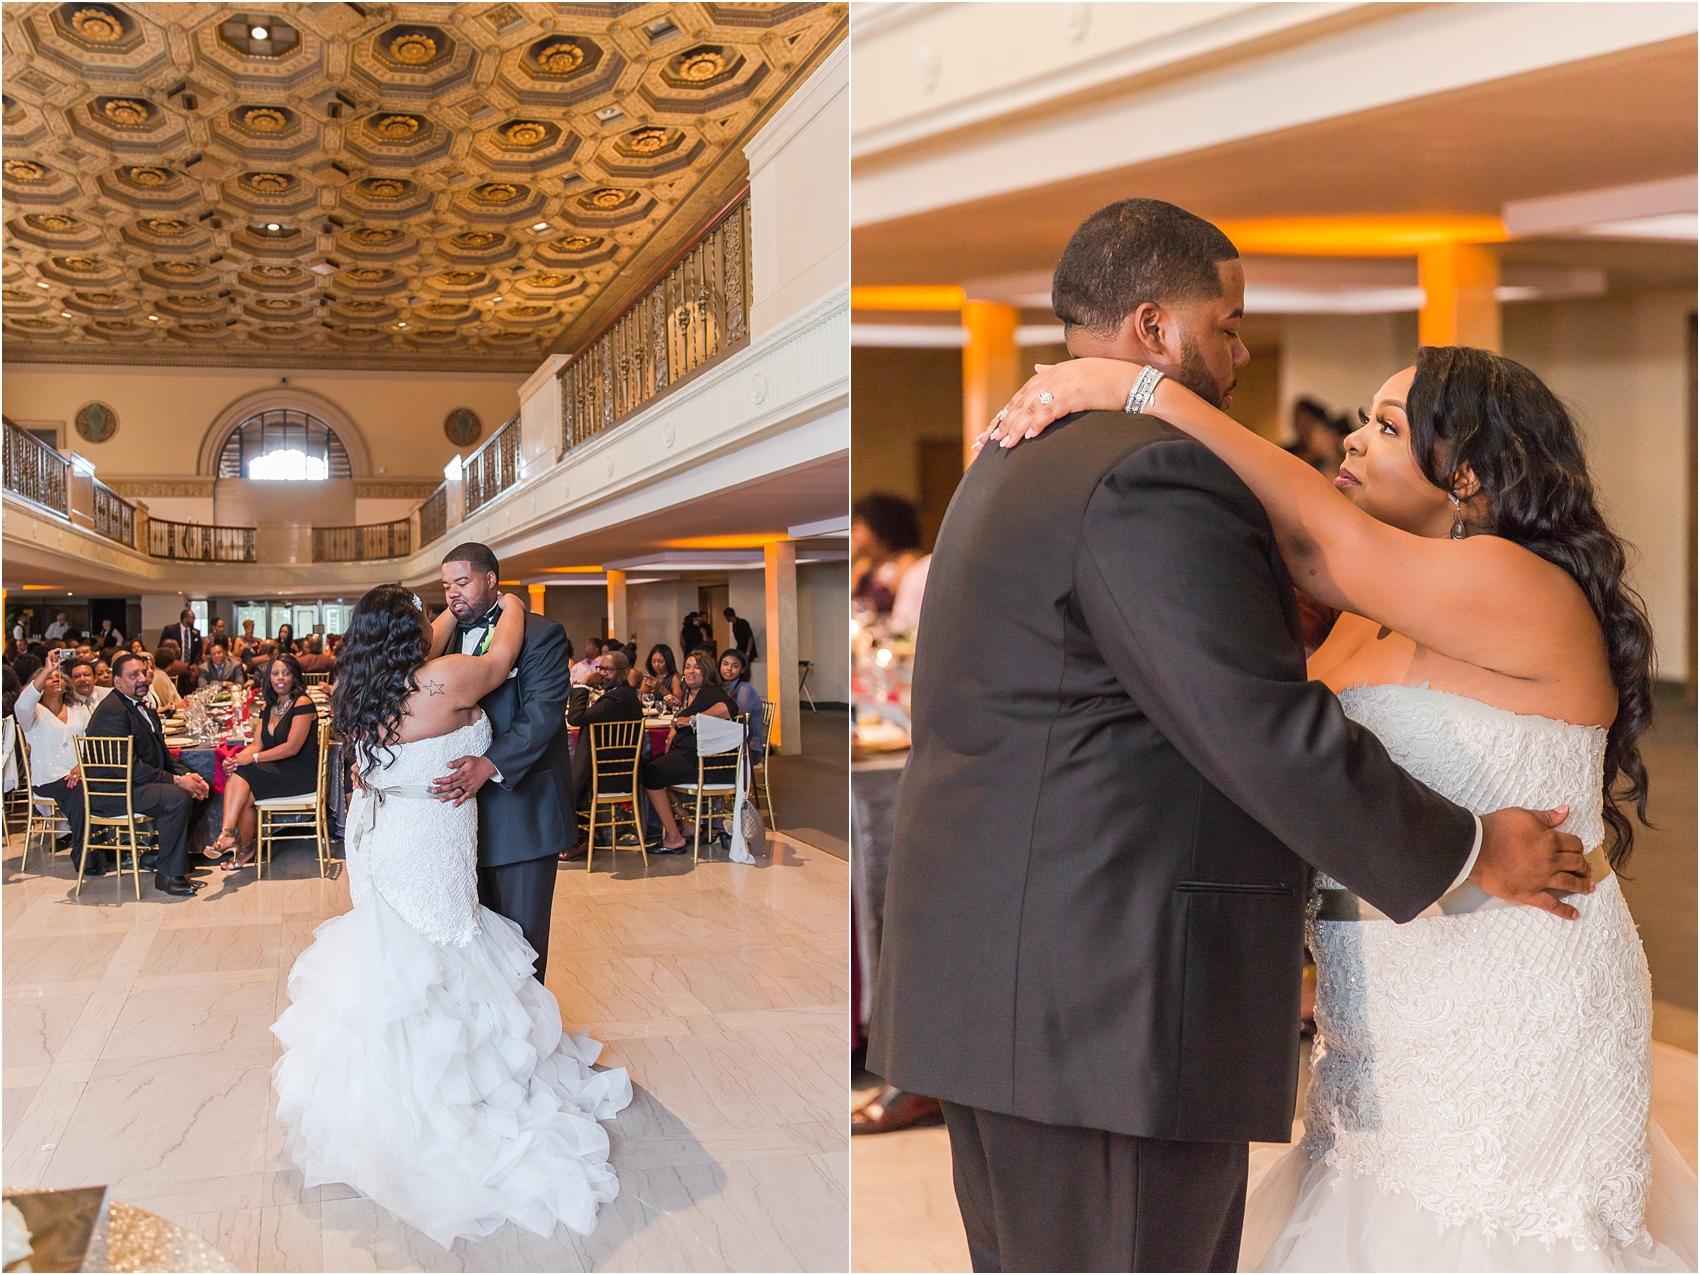 minimalist-and-modern-wedding-photos-at-30-north-saginaw-in-pontiac-michigan-by-courtney-carolyn-photography_0076.jpg